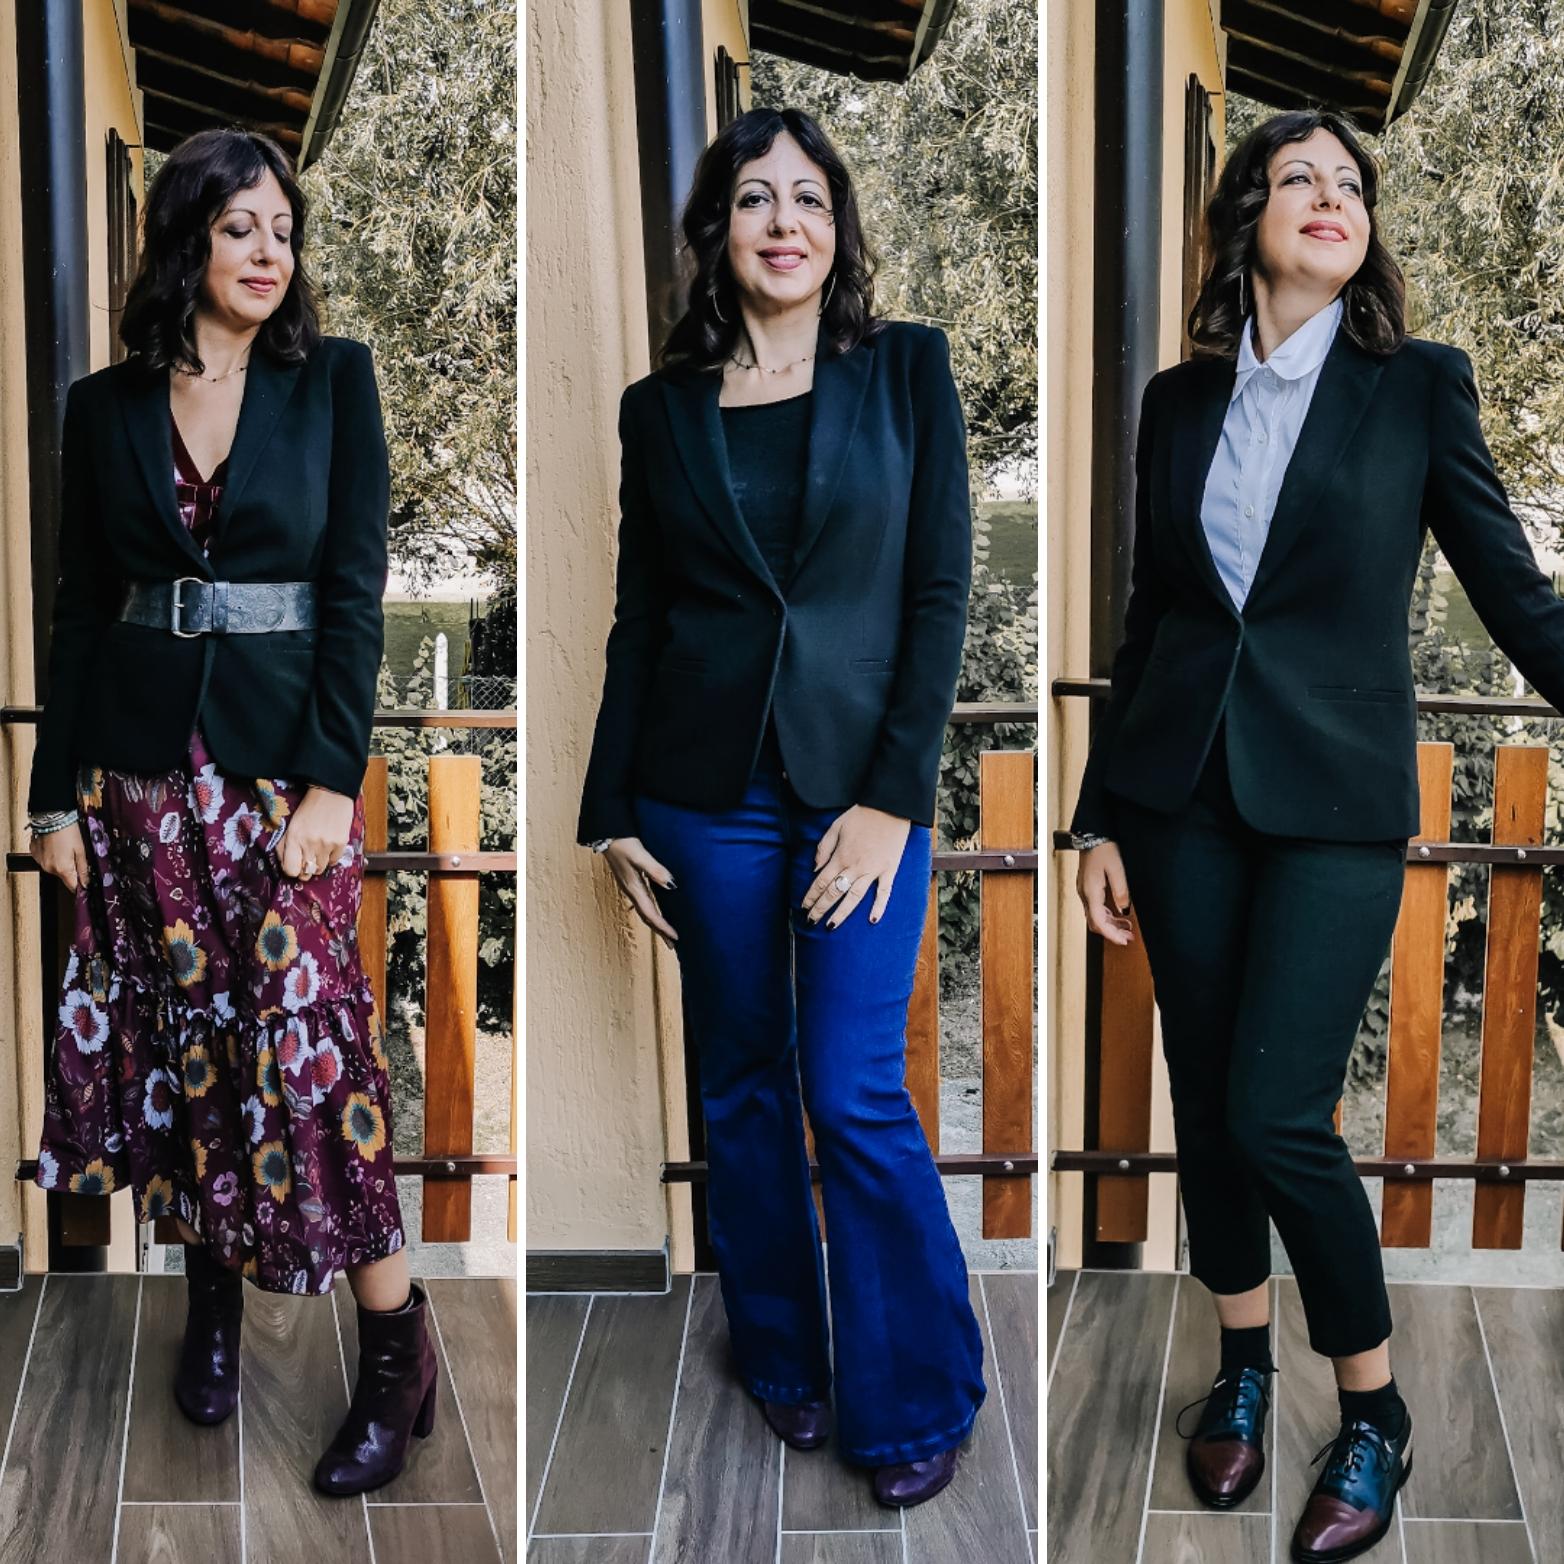 Tre modi per abbinare il blazer: con un maxi abito, con i jeans, con i pantaloni a sigaretta